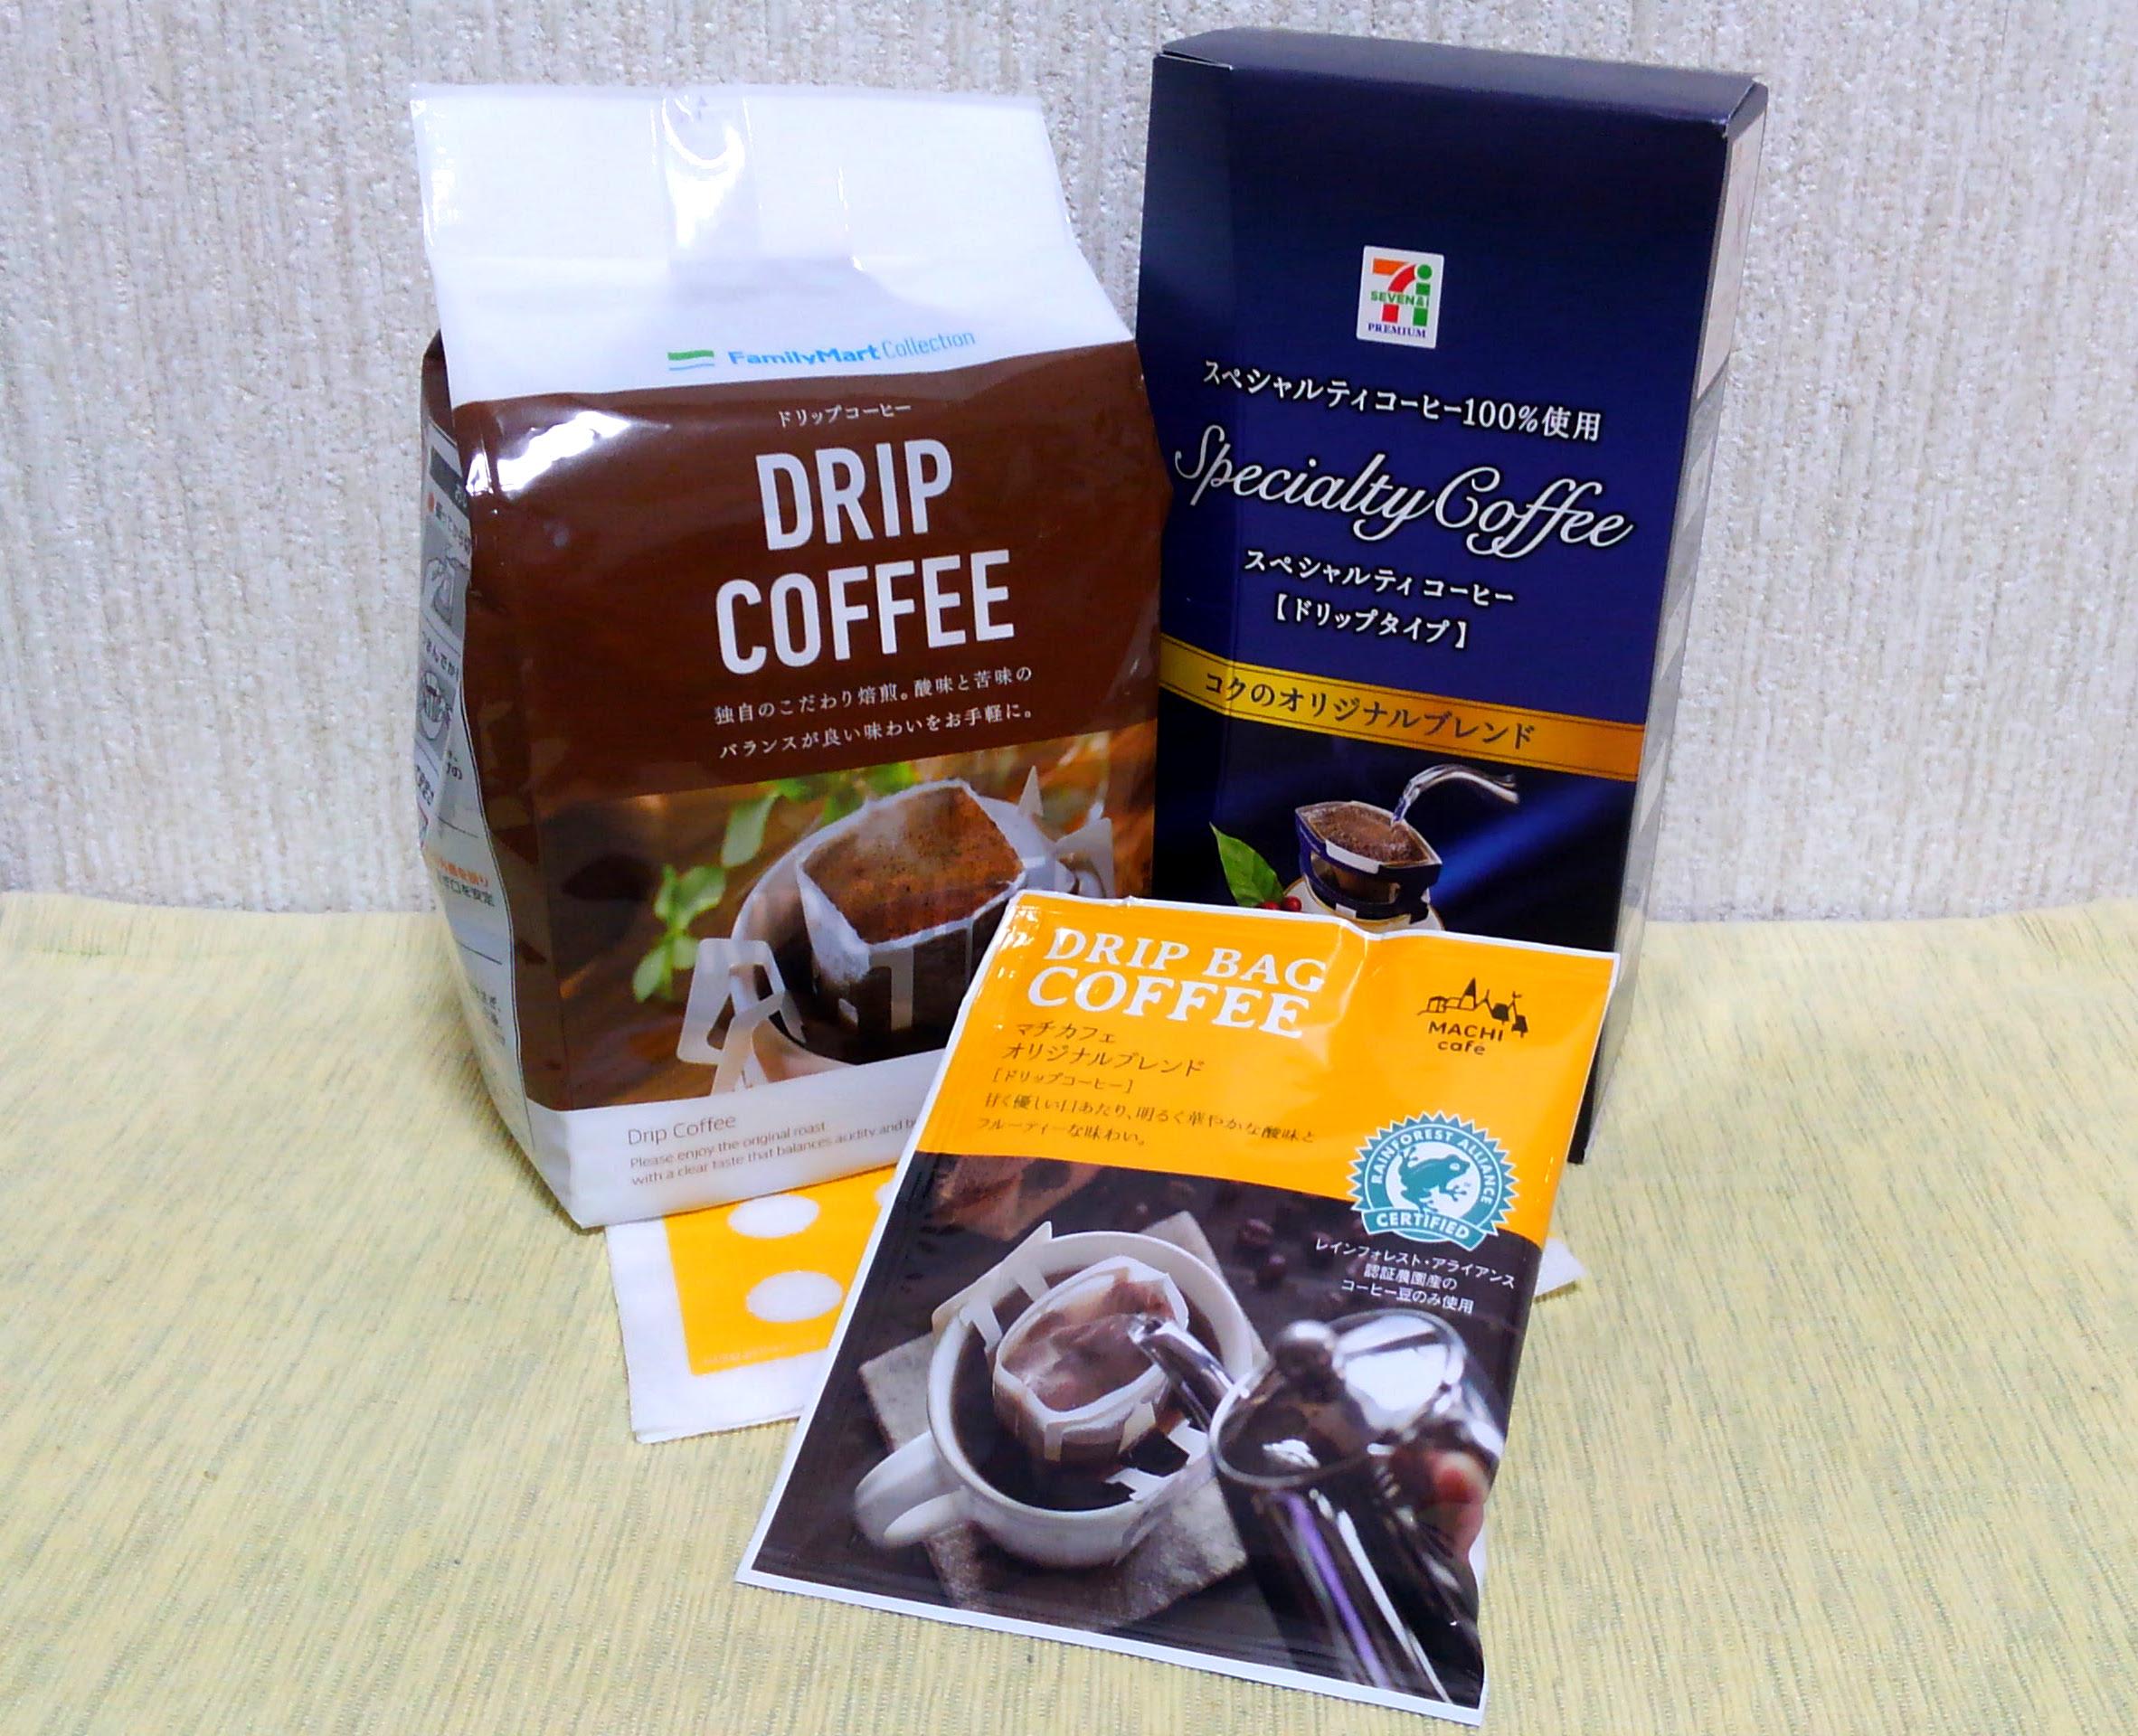 ドリップ コーヒー ランキング